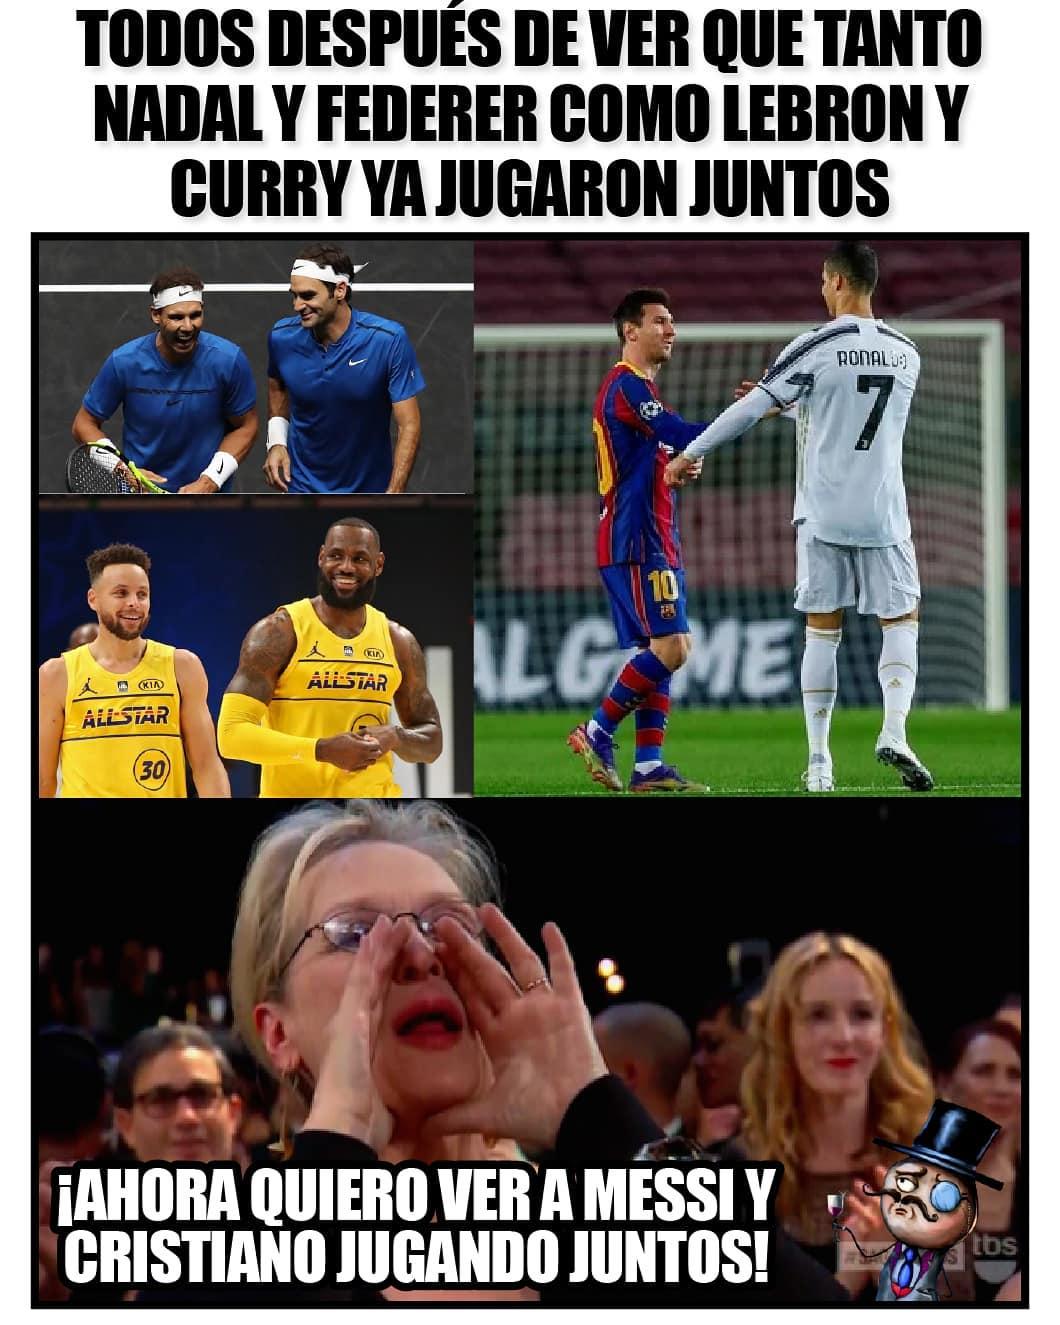 Todos después de ver que tanto Nadal y Federer como Lebron y Curry ya jugaron juntos.  ¡Ahora quiero ver a Messi y Cristiano jugando juntos!